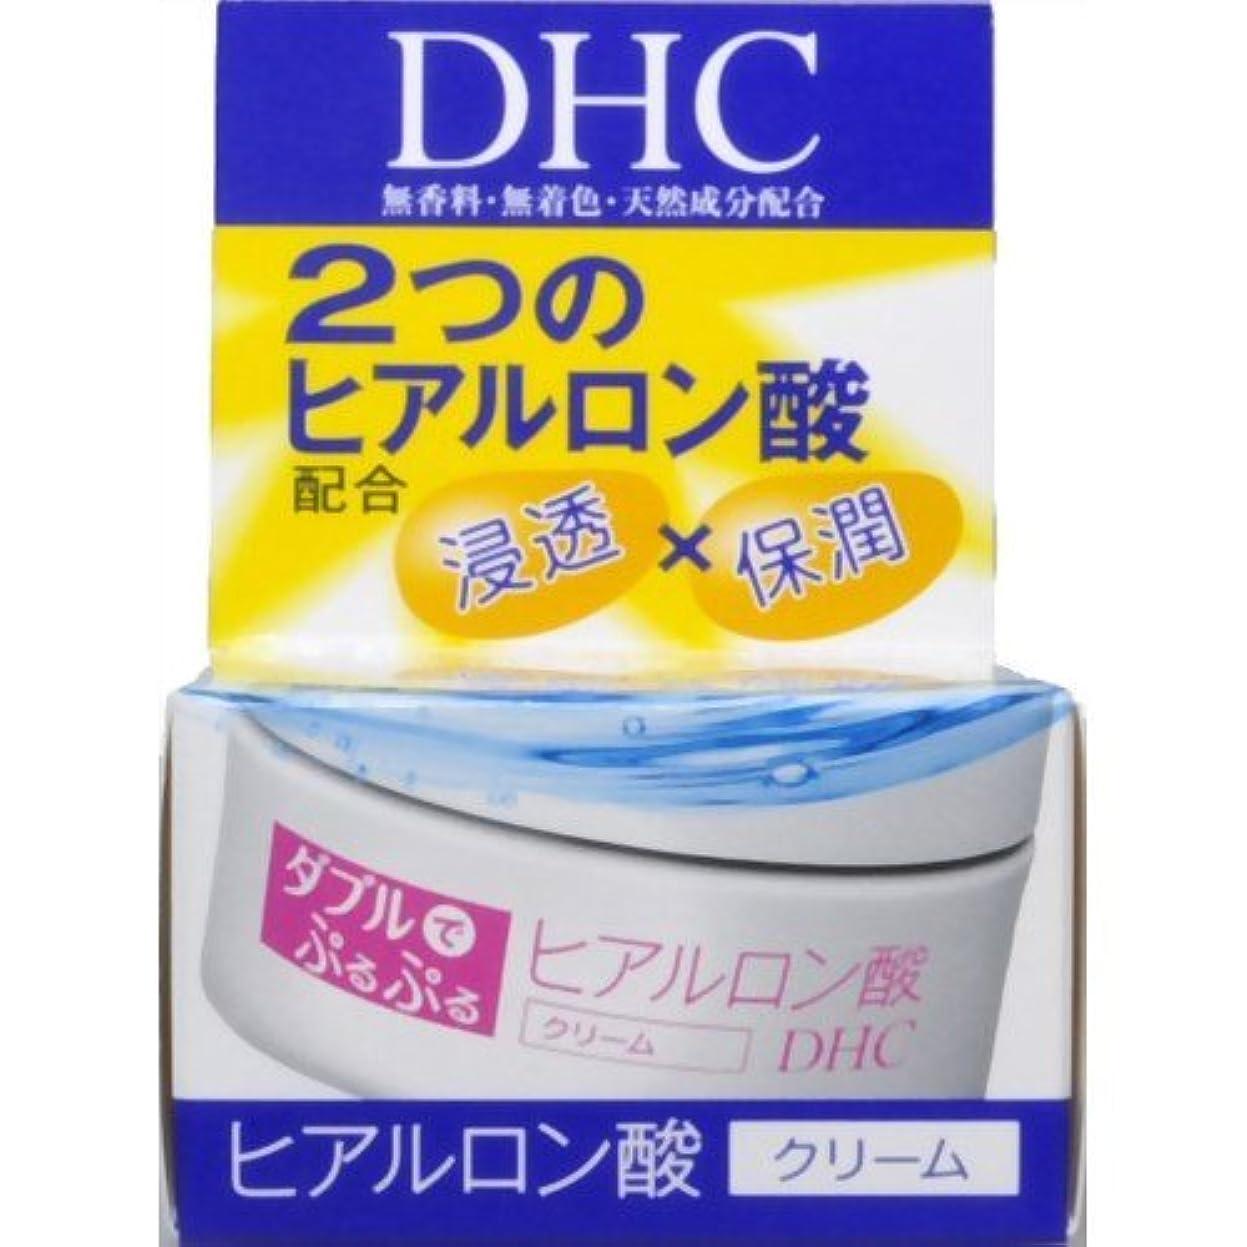 出演者飢えた旋律的DHC ダブルモイスチュアクリーム 50g